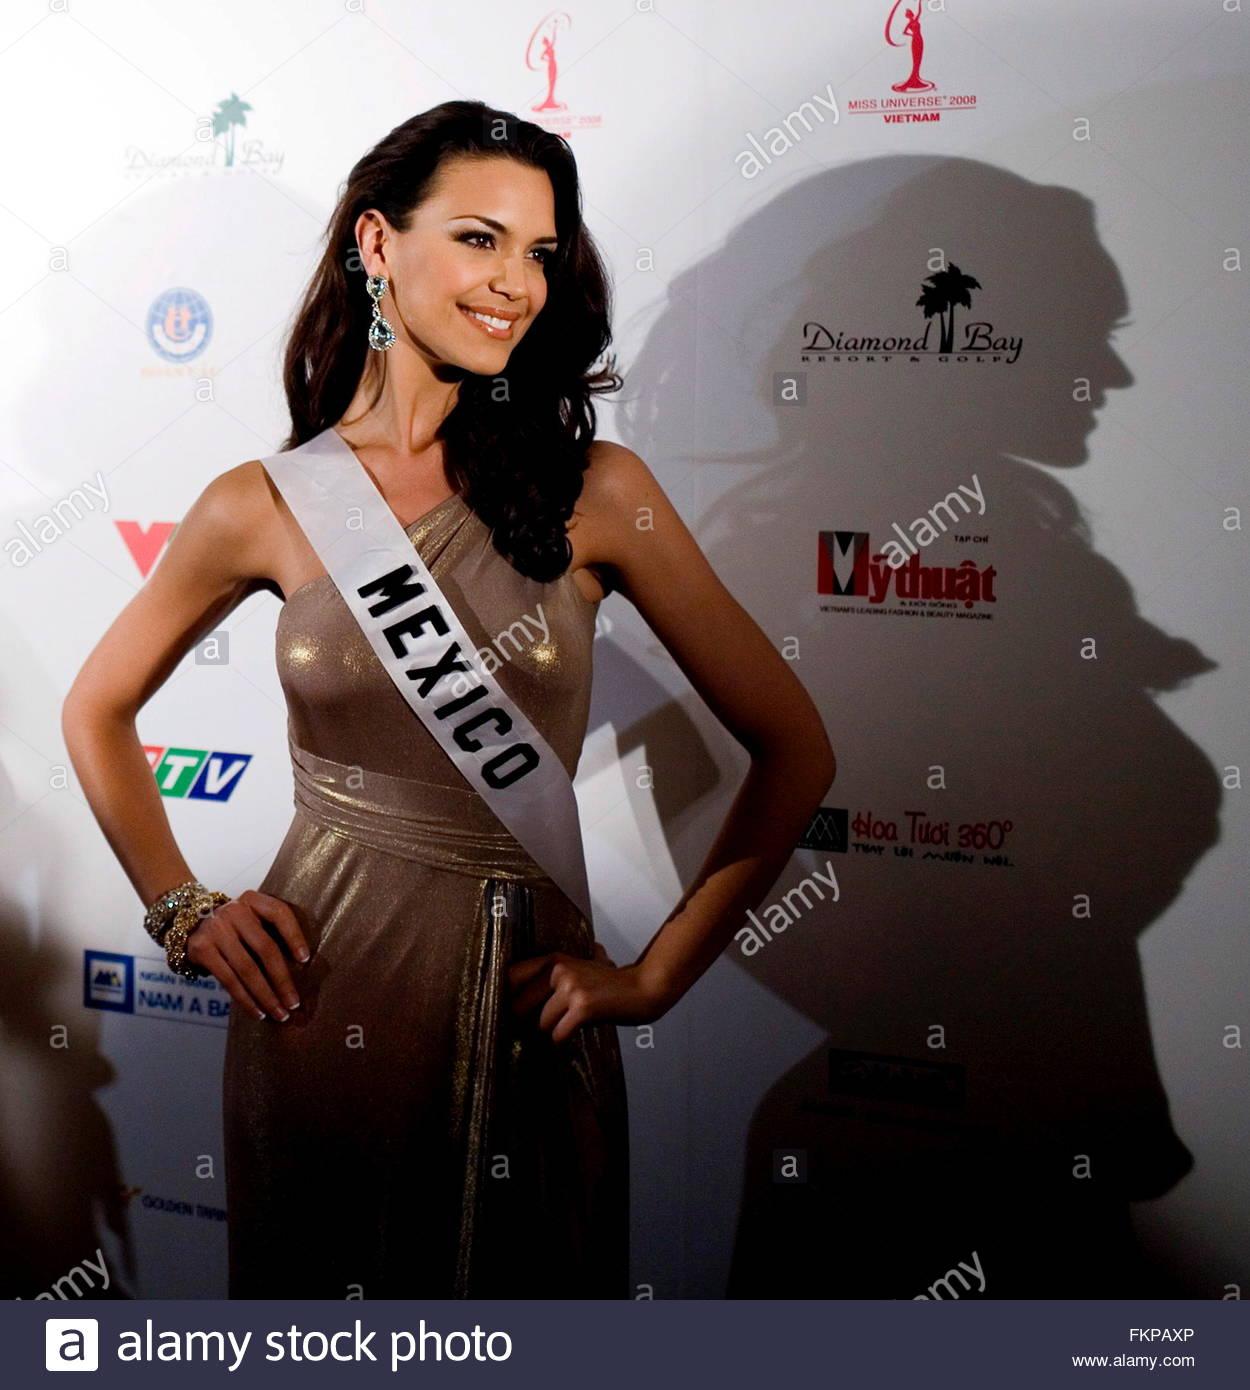 elisa najera, top 5 de miss universe 2008. - Página 4 Oyrsvswm